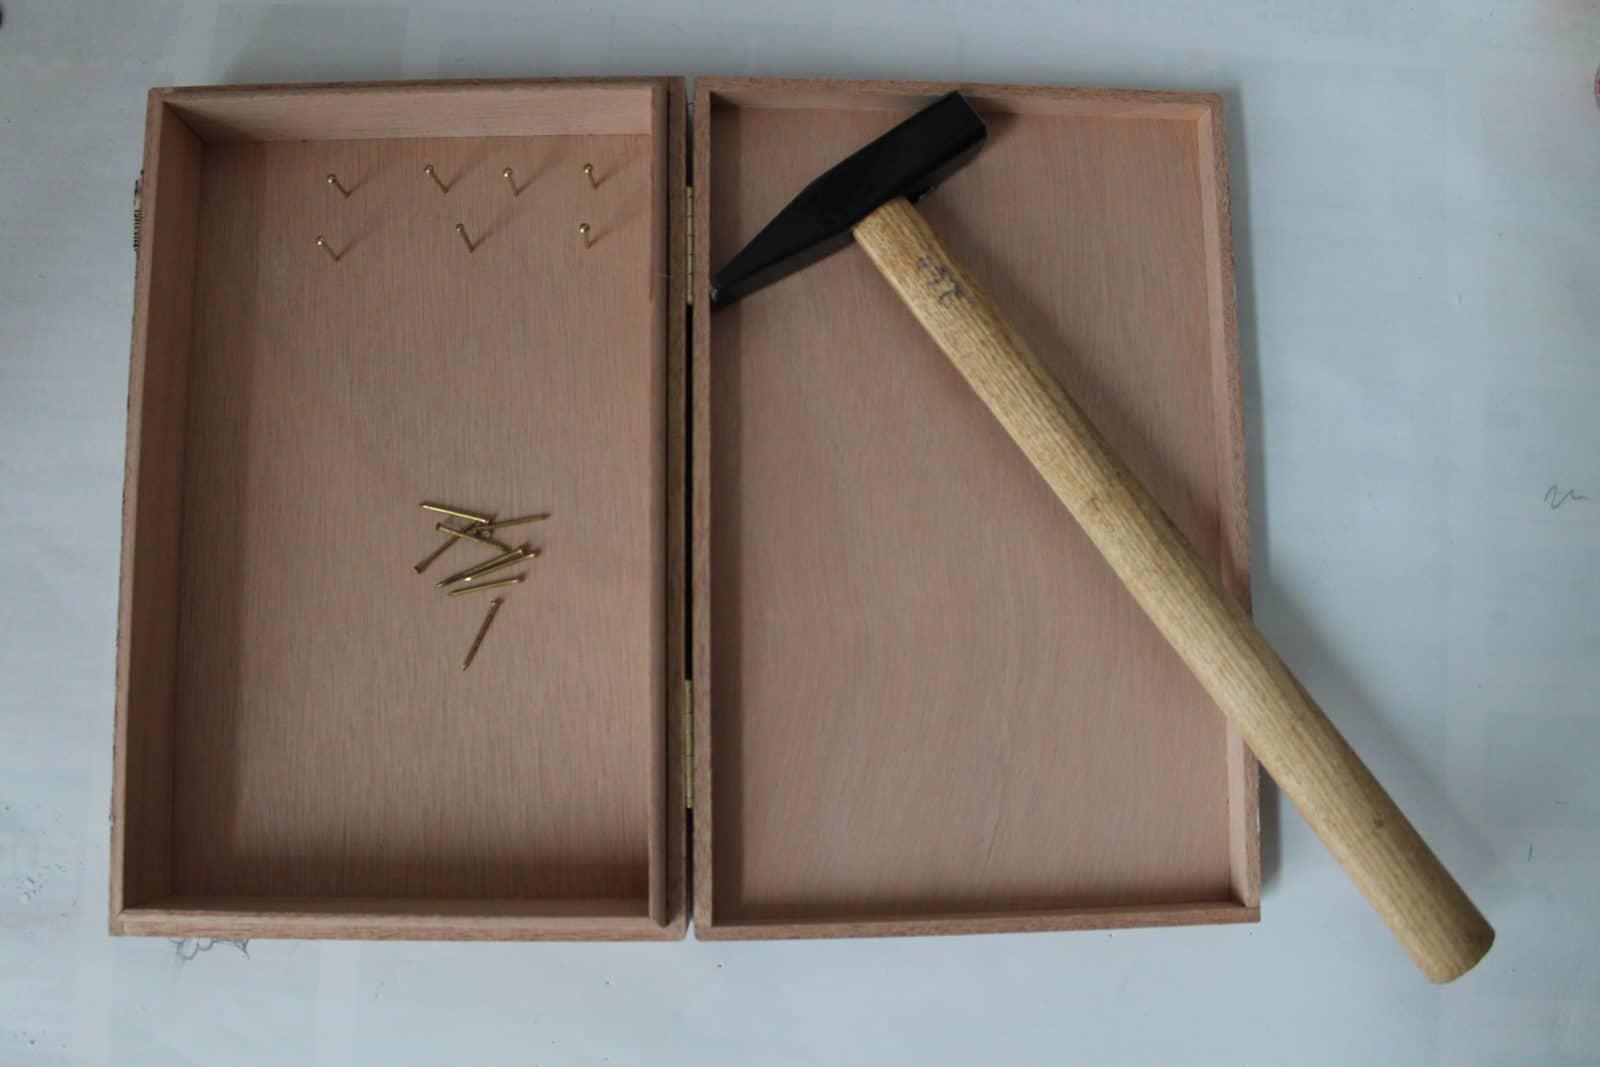 Holzbox upgrade zum wand schmuckk stchen handmade kultur - Klebefliesen ka chenwand ...